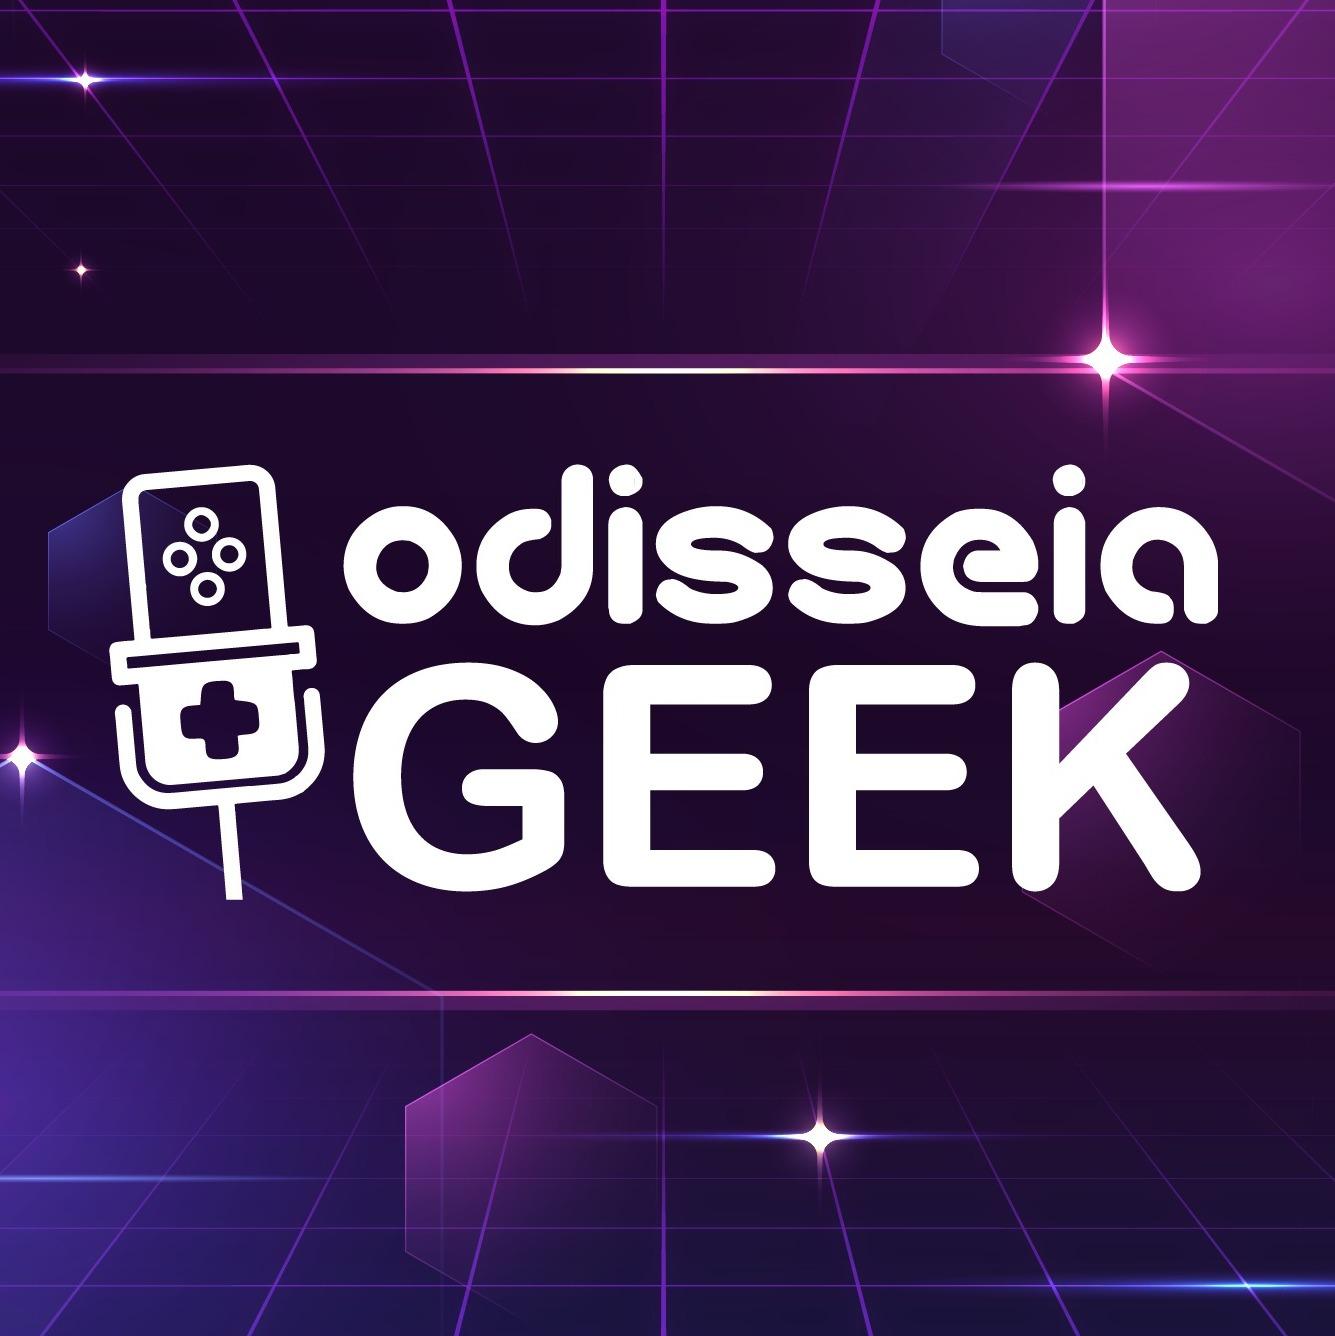 Odisseia Geek